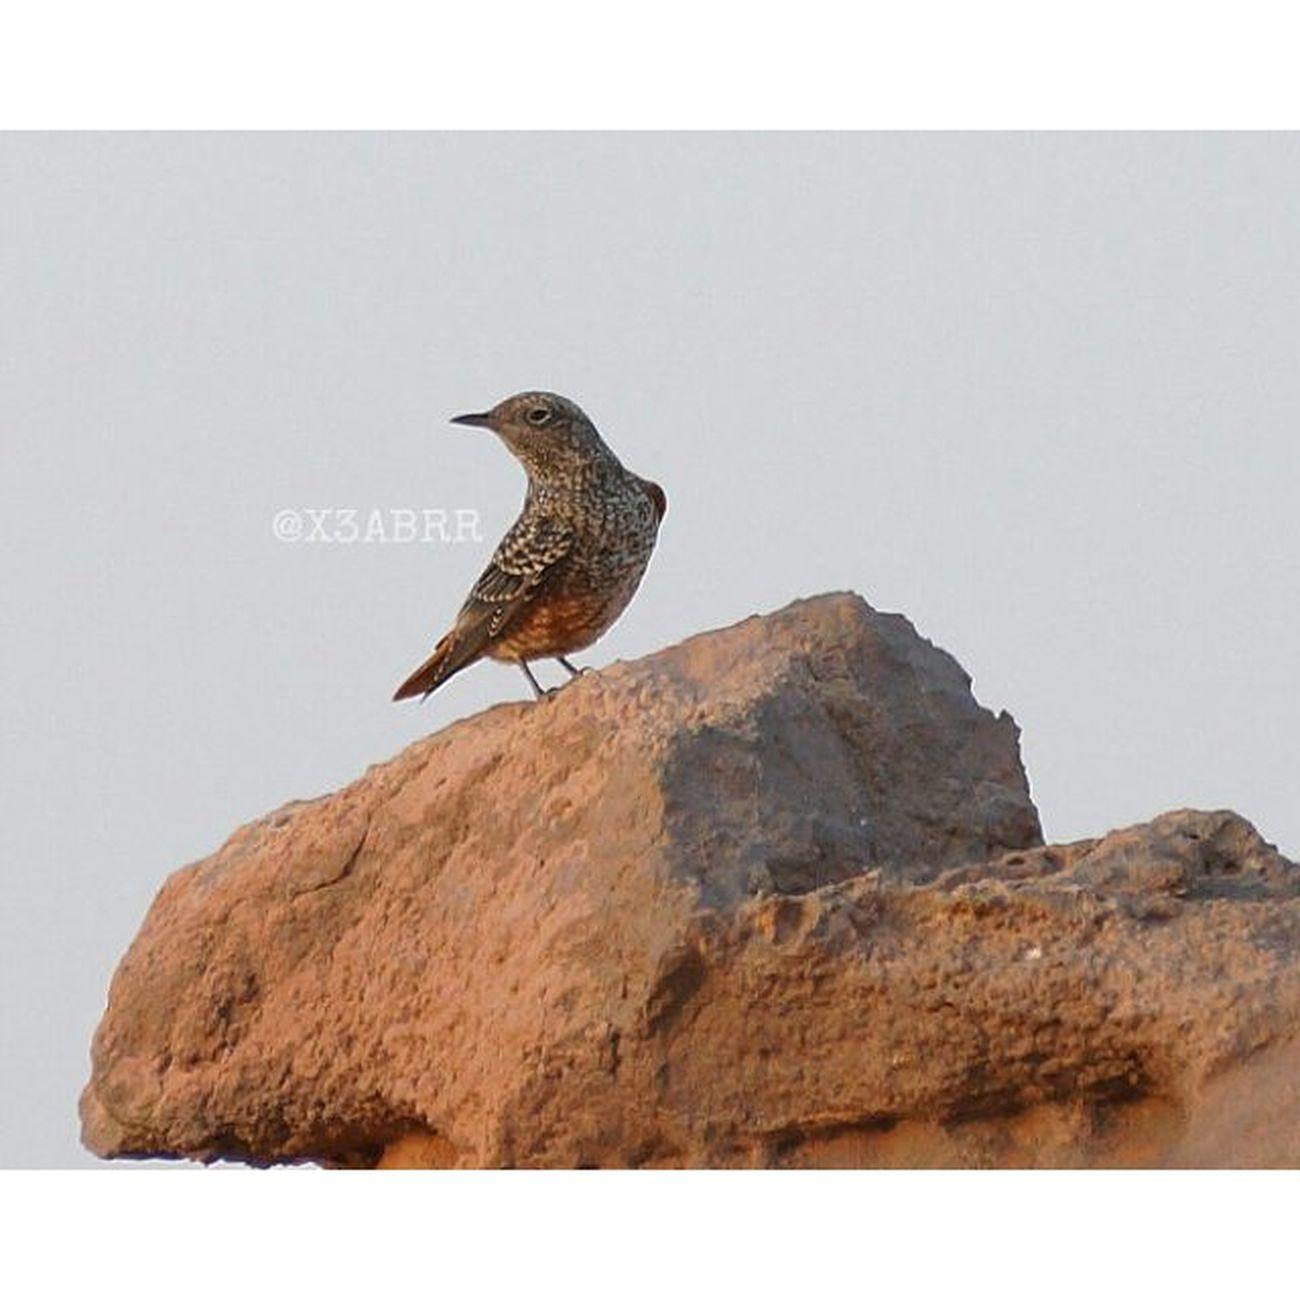 الاسم العربي : سمانة الصخور الاسم اللاتيني : Monticola Saxatilis الاسم الانجليزي : Rockthrush السيرة: زائر صيفي . تعبر خلال سواحل الخليج العربي واليمن غير شائعة البيئة: تتكاثر في مناطق صخرية غير كثيفة النباتات , وكذلك الخرائب . ارتفاع بيئتها يتراوح بين 1000-2600 متر تتواجد في أغلب المناطق وقت العبور الطول: 19 سم . سمنة صغيرة نوعا ماء , ولها ذيل قصيرومنقار بارز . يسهل التعرف على الذكر من الأجزاء العليا و الرأس ازرق رمادي مع وجود بقعة بيضاء على الظهر والذيل والأجزاء السفلية احمر معتم . تصبح نهاية كل الريش في الشتاء داكنة وبيضاء مما ينتج عنه أشكال صدفية . تشبه الإناث وطيور الشتاء الاول في حلتها شكل الذكور البالغة سن الرشد لكنها بلون بنية أكثر , فلذا تقارب شكل أنثى سمنة الصخور الزرقاء لكن يوجد على الأجزاء العليا نقط شاحبة والذيل صدئ .. .. منقول من منتديات مكشات كل الشكر ل @abch1416 . . . مساء_الخير الناس_الرايئة صور القصيم تصوير_عدستي عدسات_عربية المصورون_السعوديون مسهم_بالخير مسهم كشته السعودية عمان قطر عدستي البحرين الكويت الامارات طير bird birds 🐦 لاندسكيب تصويري